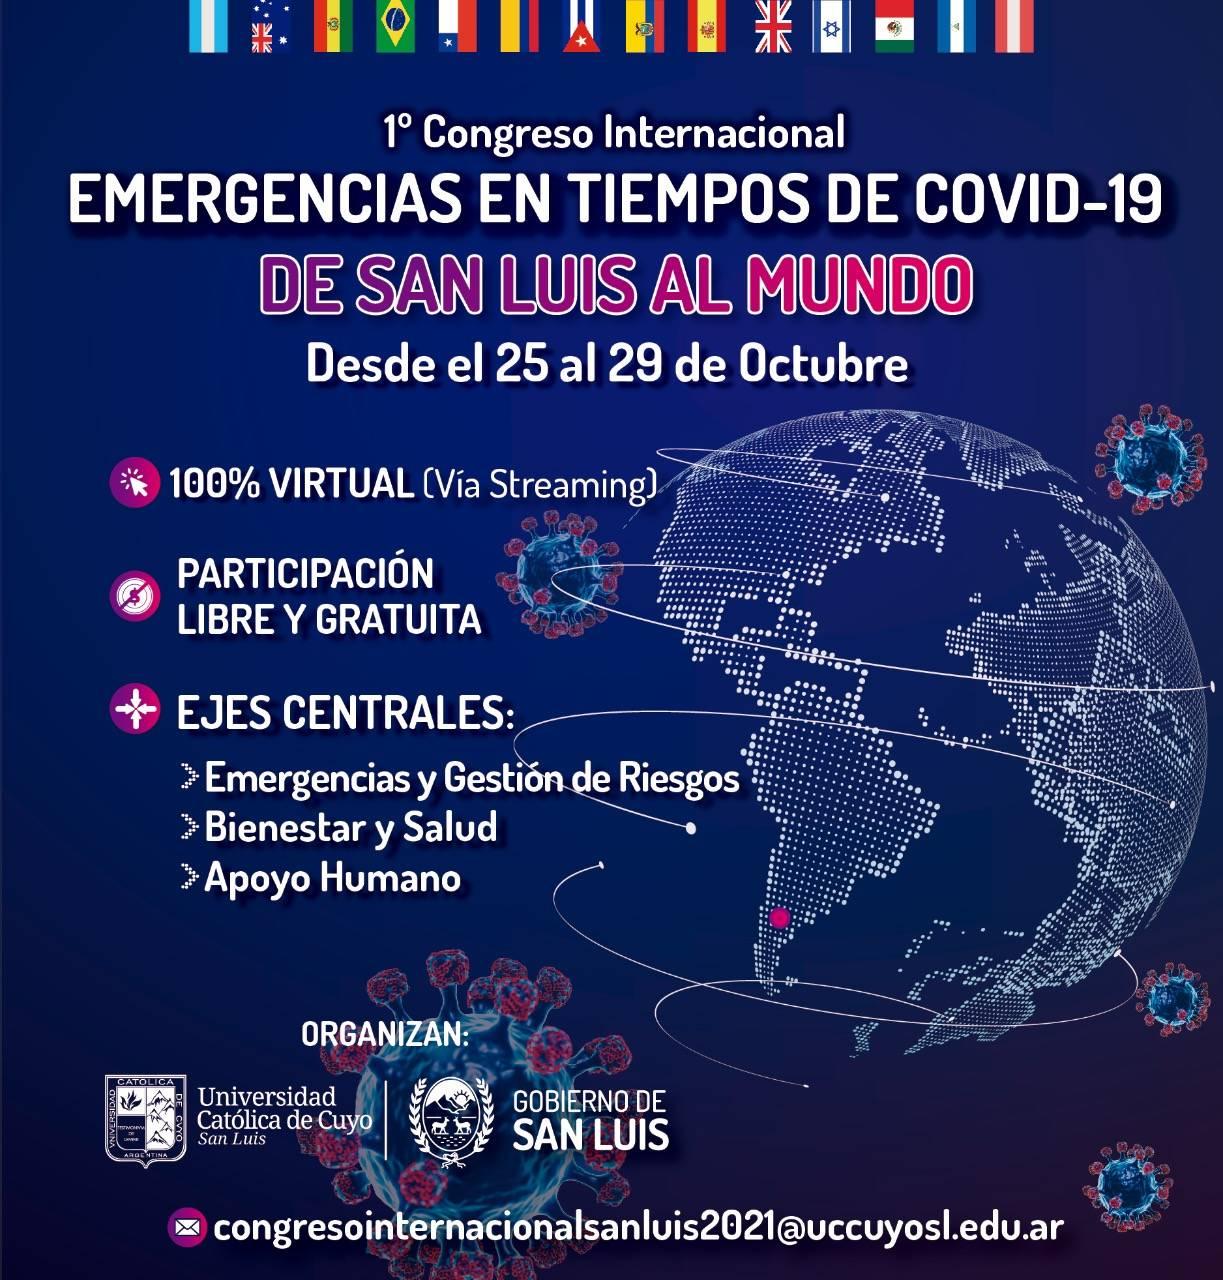 De San Luis al mundo: se realizará el primer Congreso Internacional